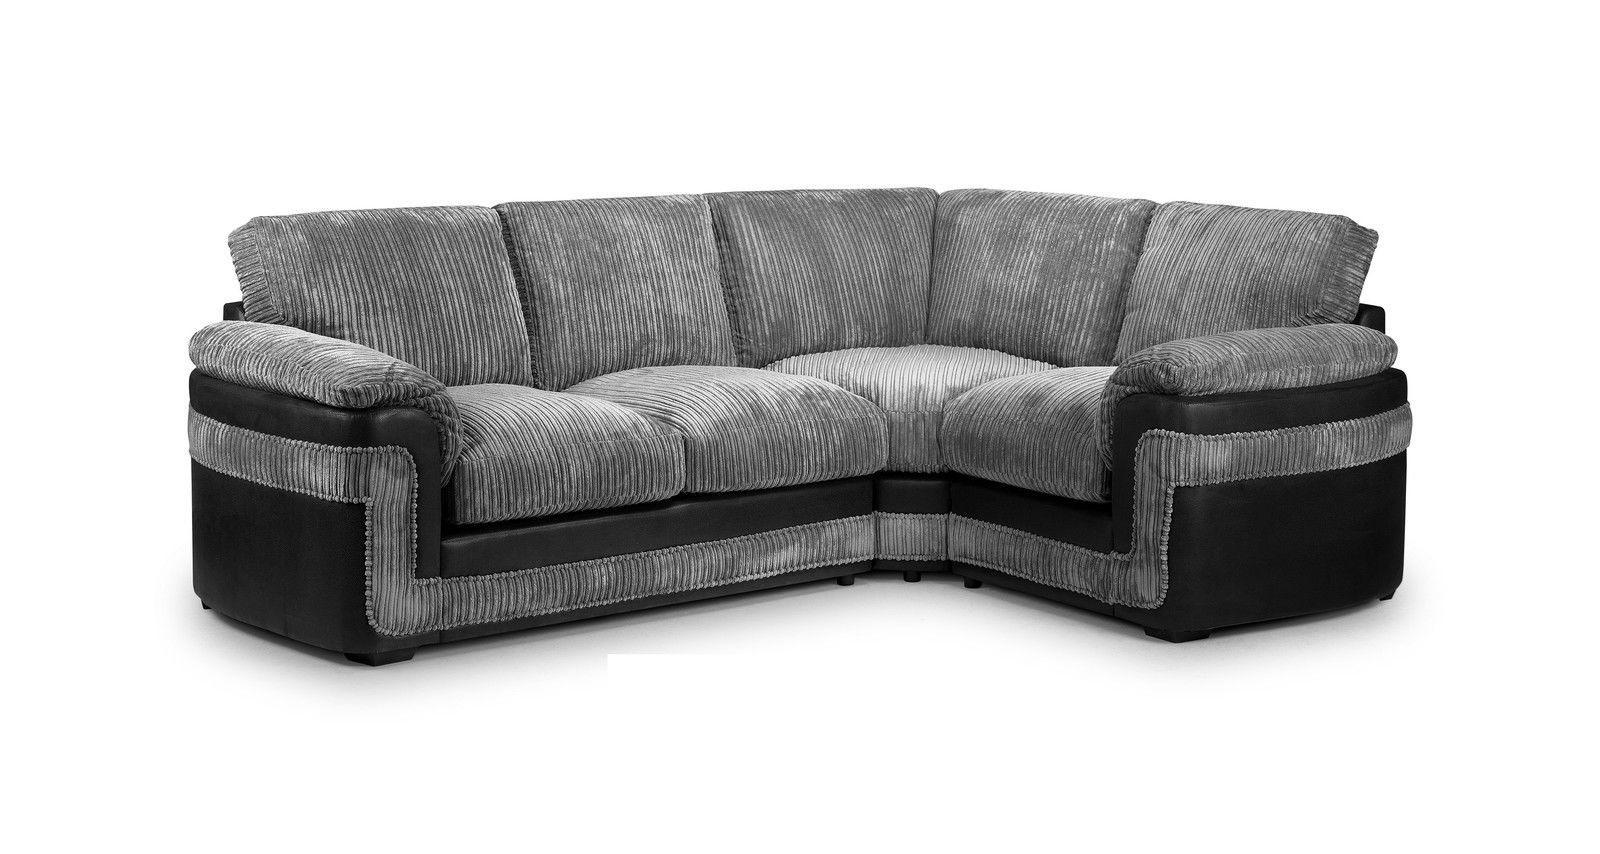 Corner Sofa Pertaining To Unique Corner Sofas (Image 4 of 21)